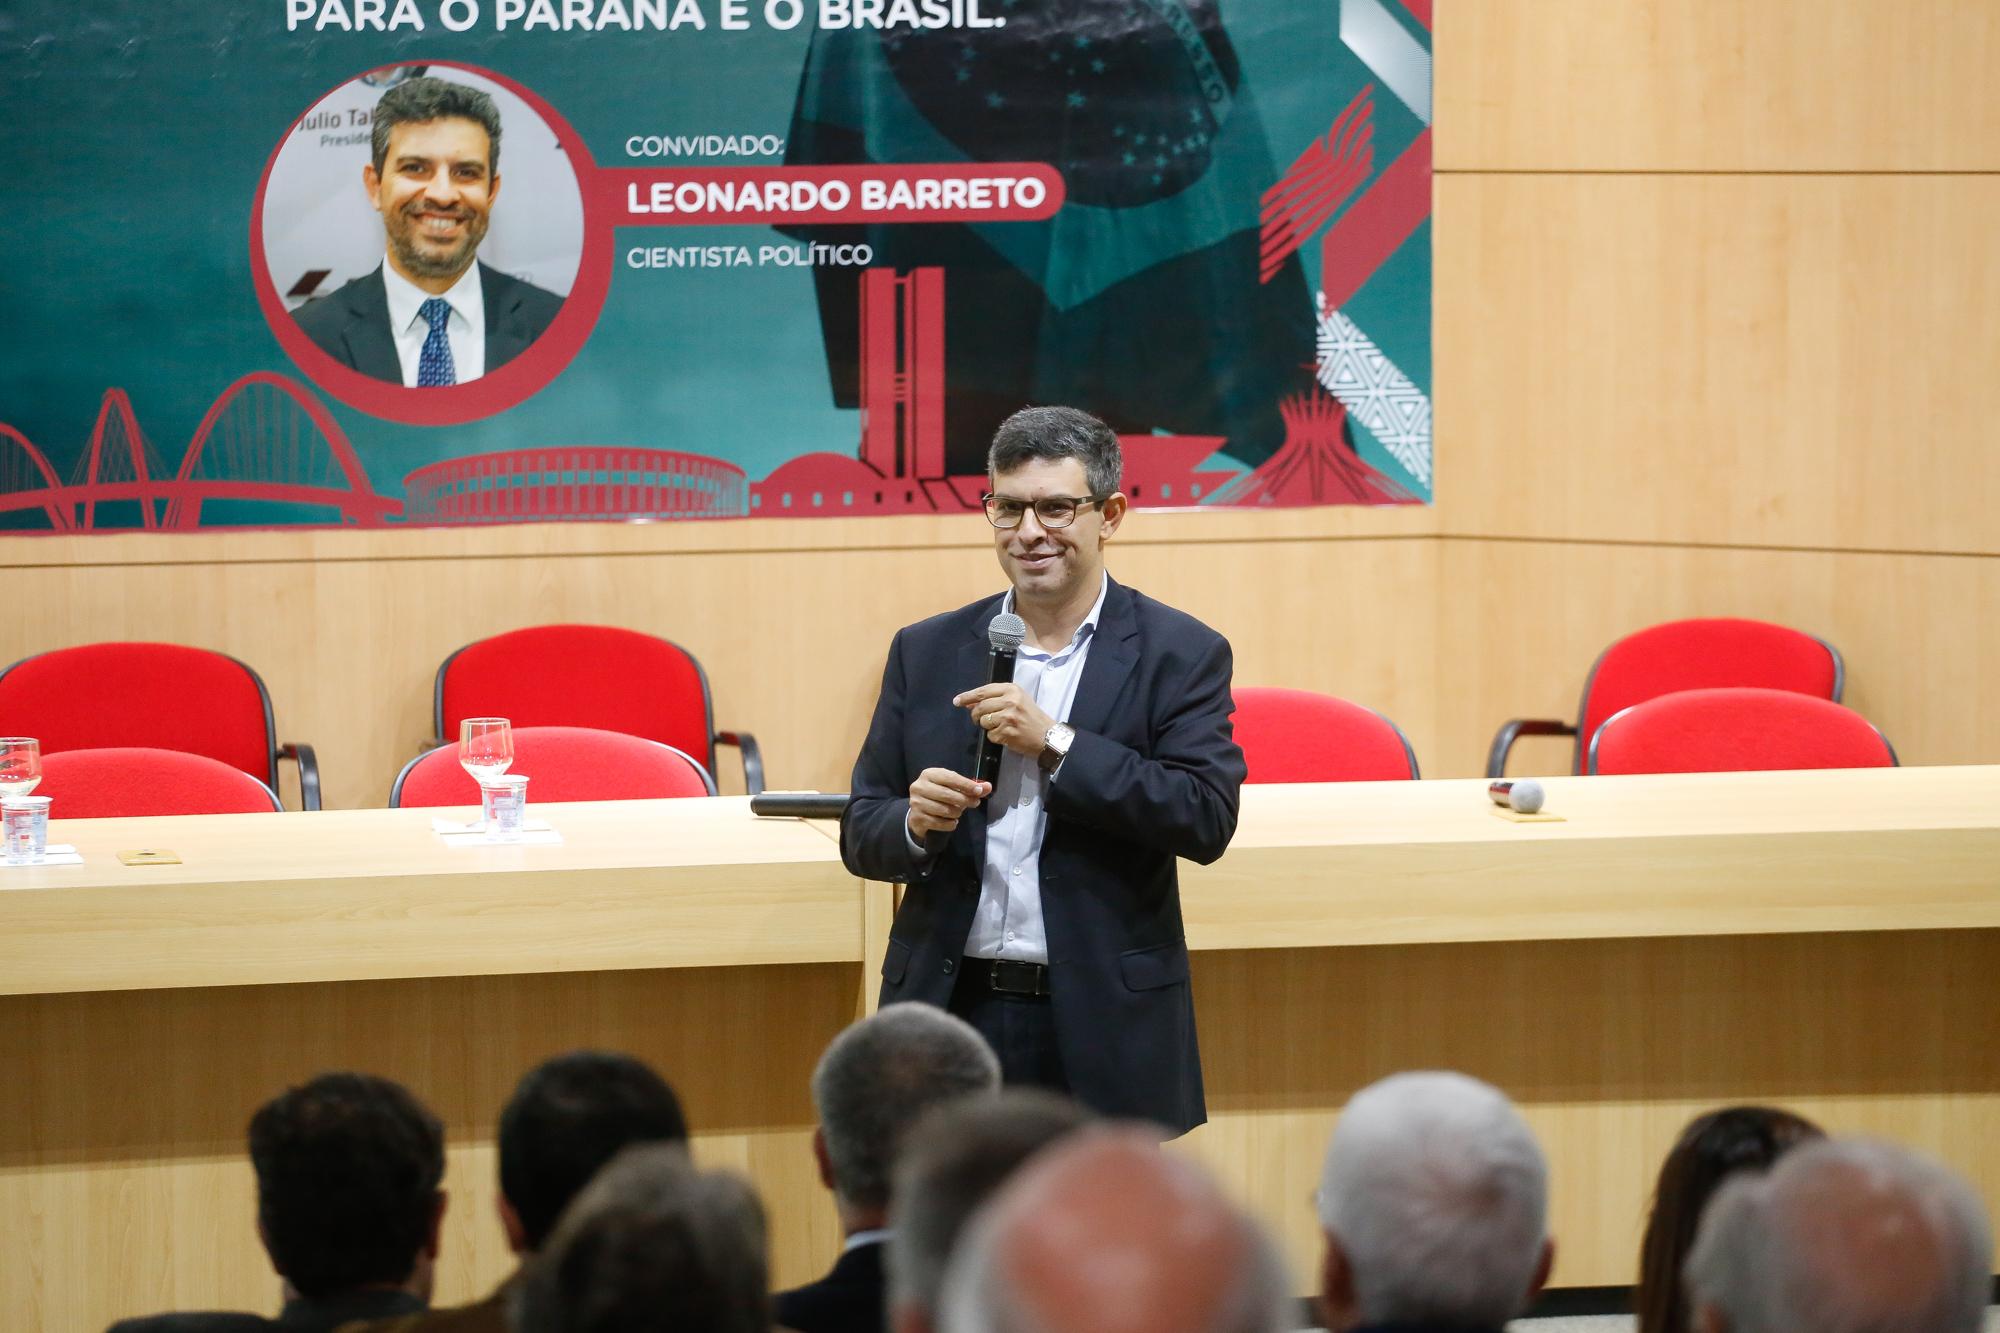 Sinduscon-PR comemora 74 anos com análise política e econômica do Brasil